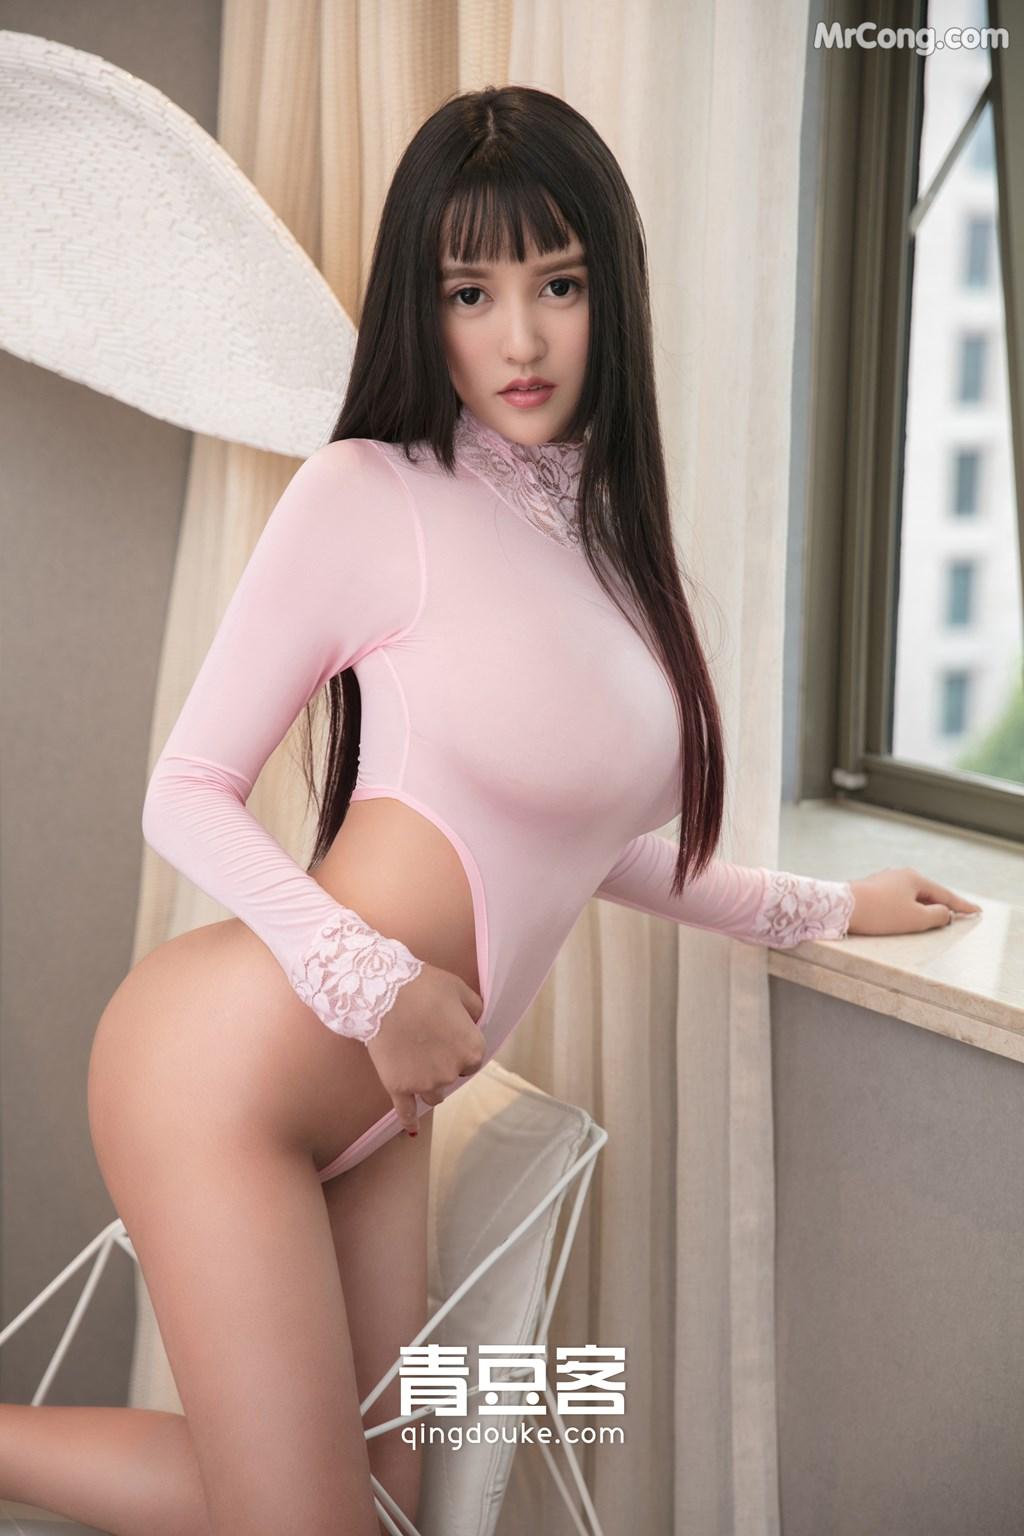 Image QingDouKe-2017-11-16-Bai-Yi-Han-MrCong.com-008 in post QingDouKe 2017-11-16: Người mẫu Bai Yi Han (白一晗) (51 ảnh)